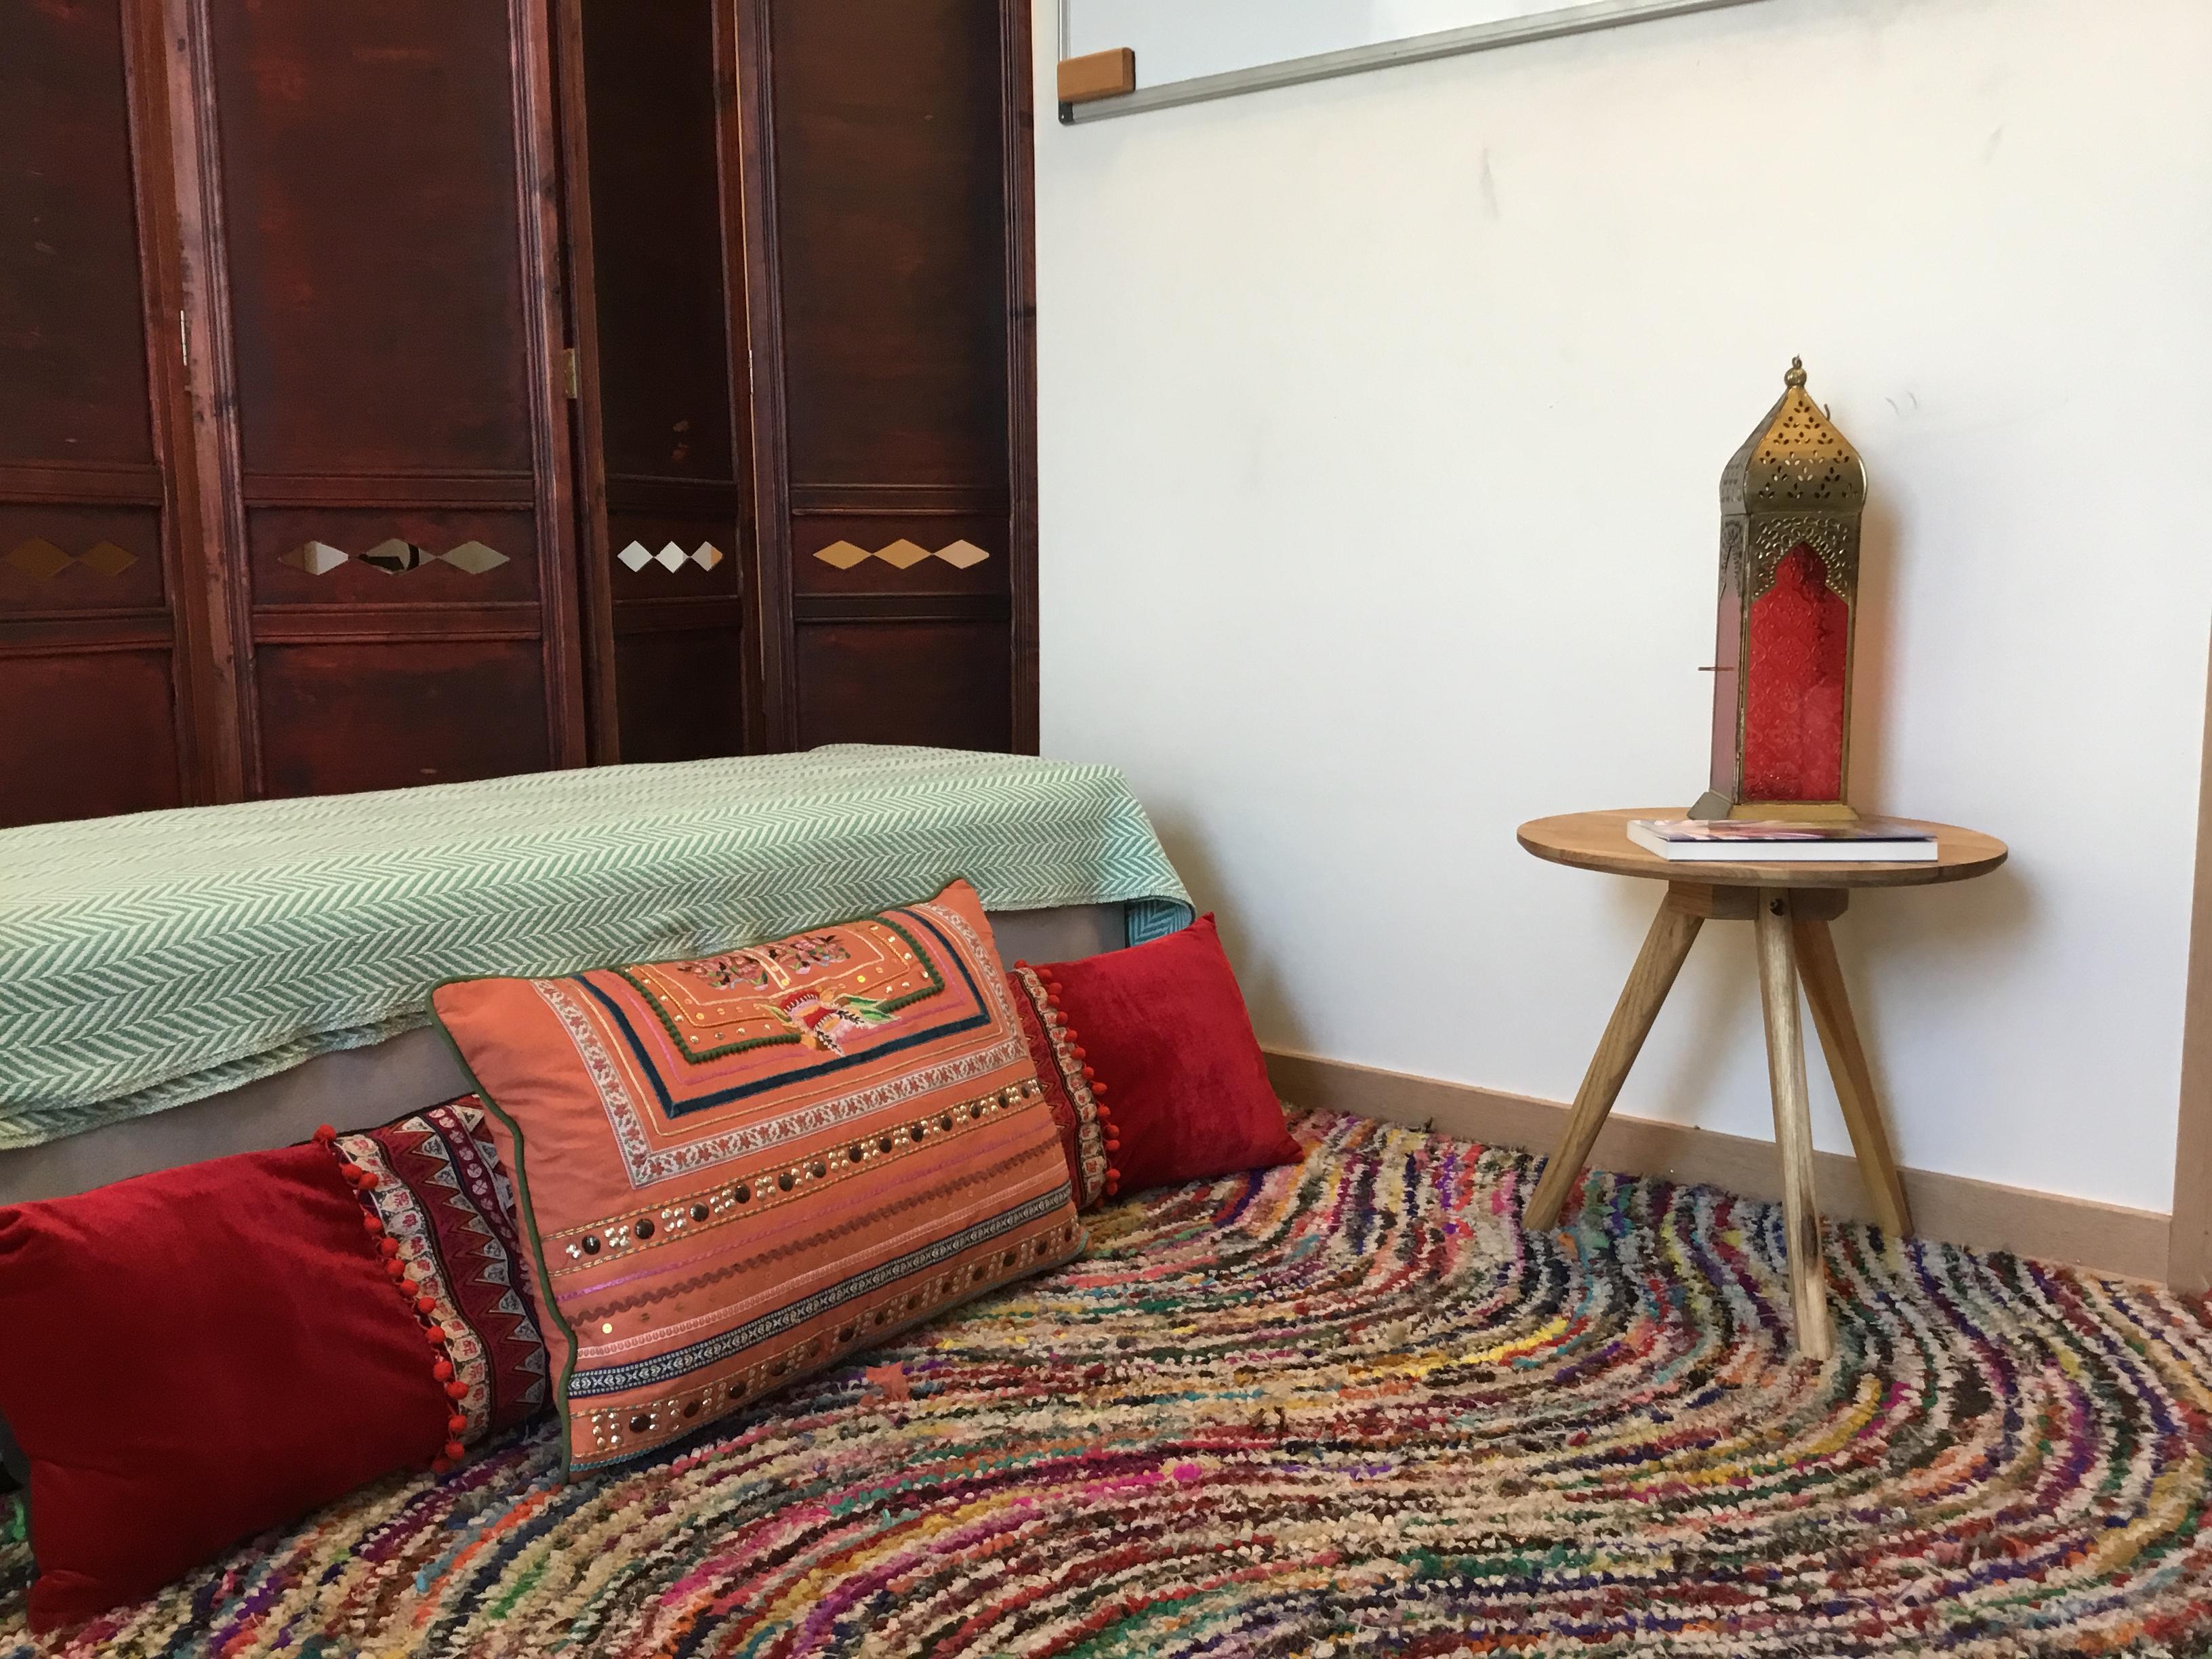 Rincón de lectura y meditación